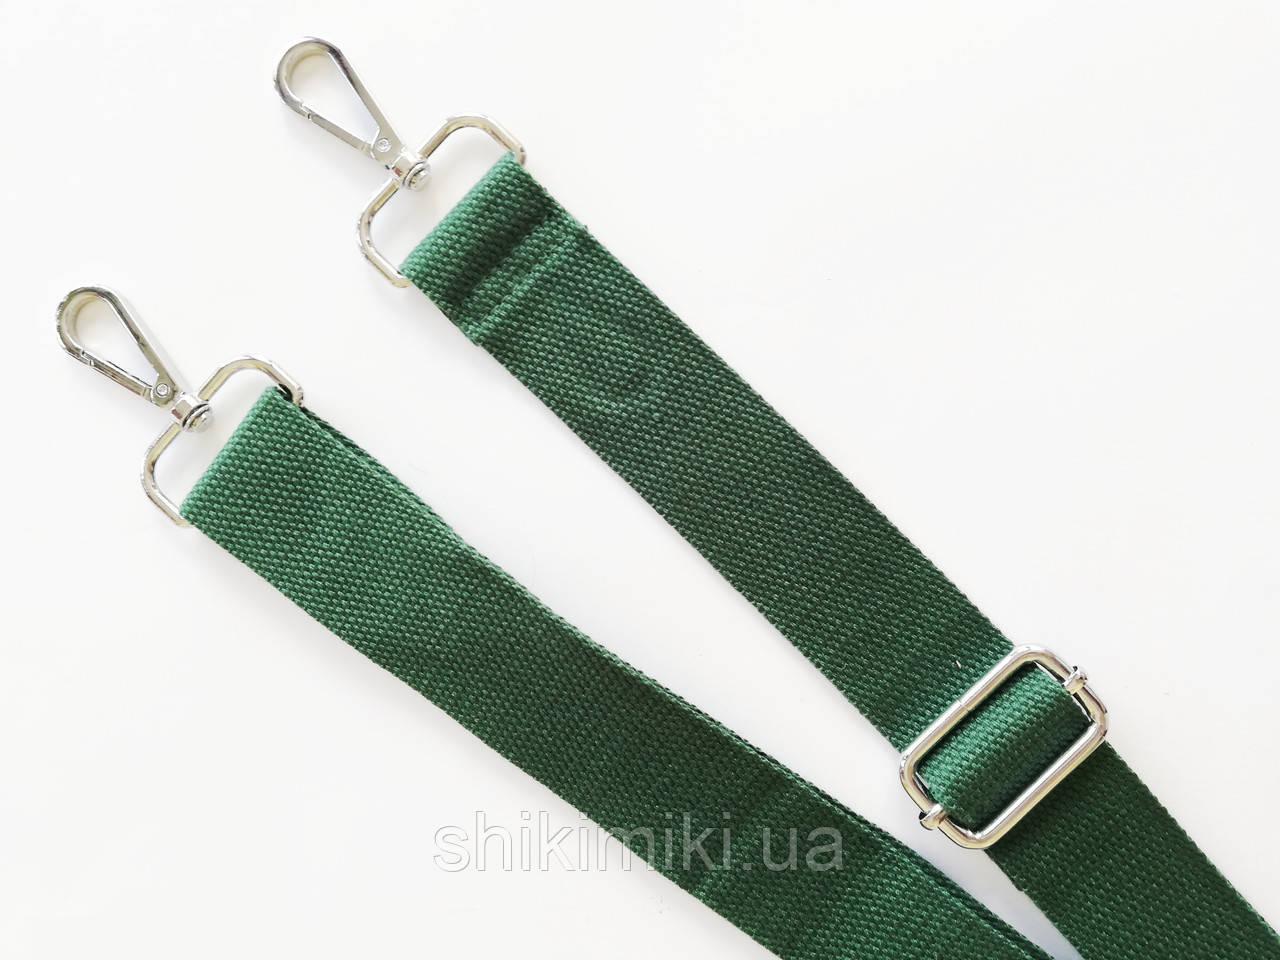 Плечевой ремень, зеленый